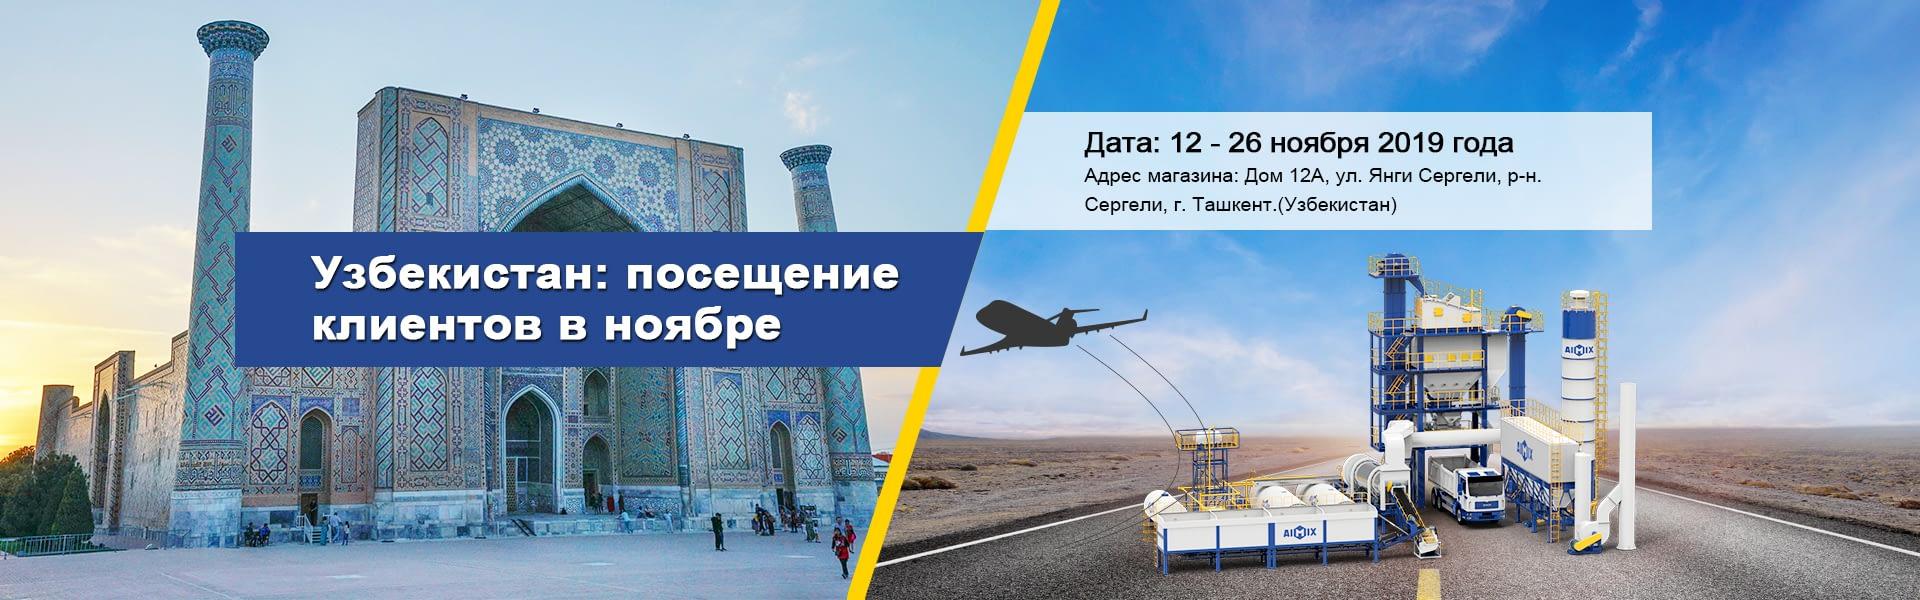 Узбекистан посещение клиентов 12 - 26 ноября 2019